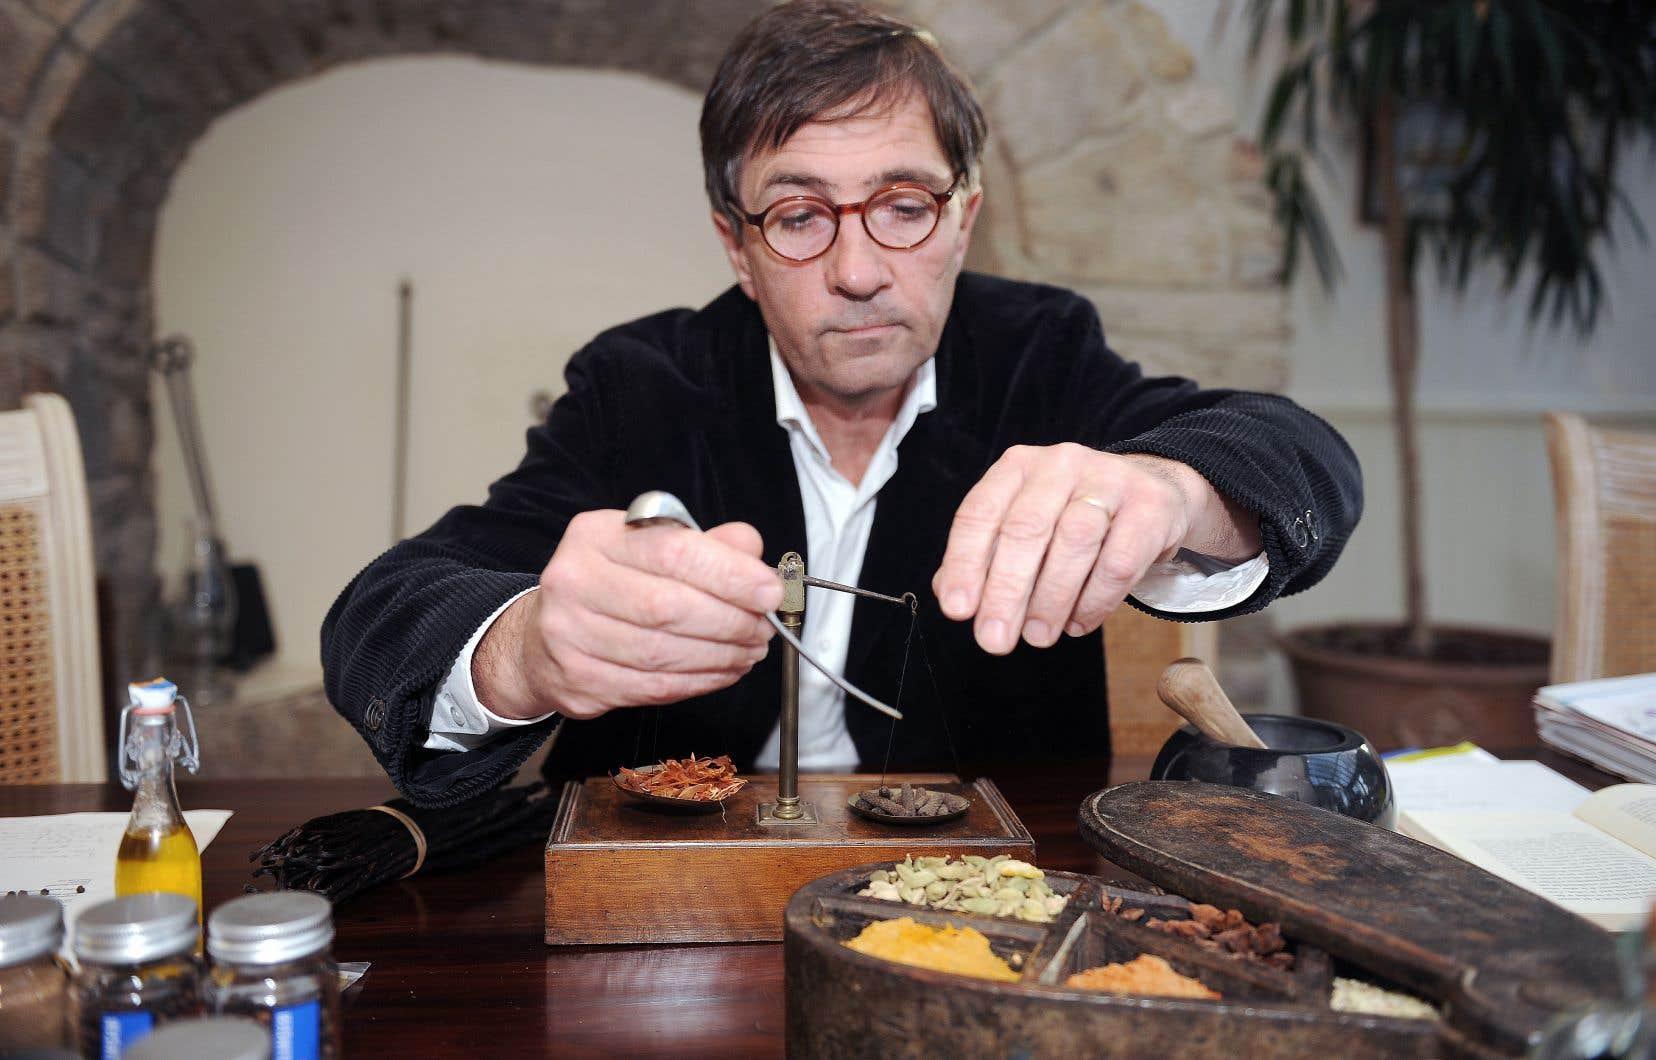 Le chef français Olivier Roellinger, invité d'honneur de l'événement qui se tiendra à Baie-Saint-Paul